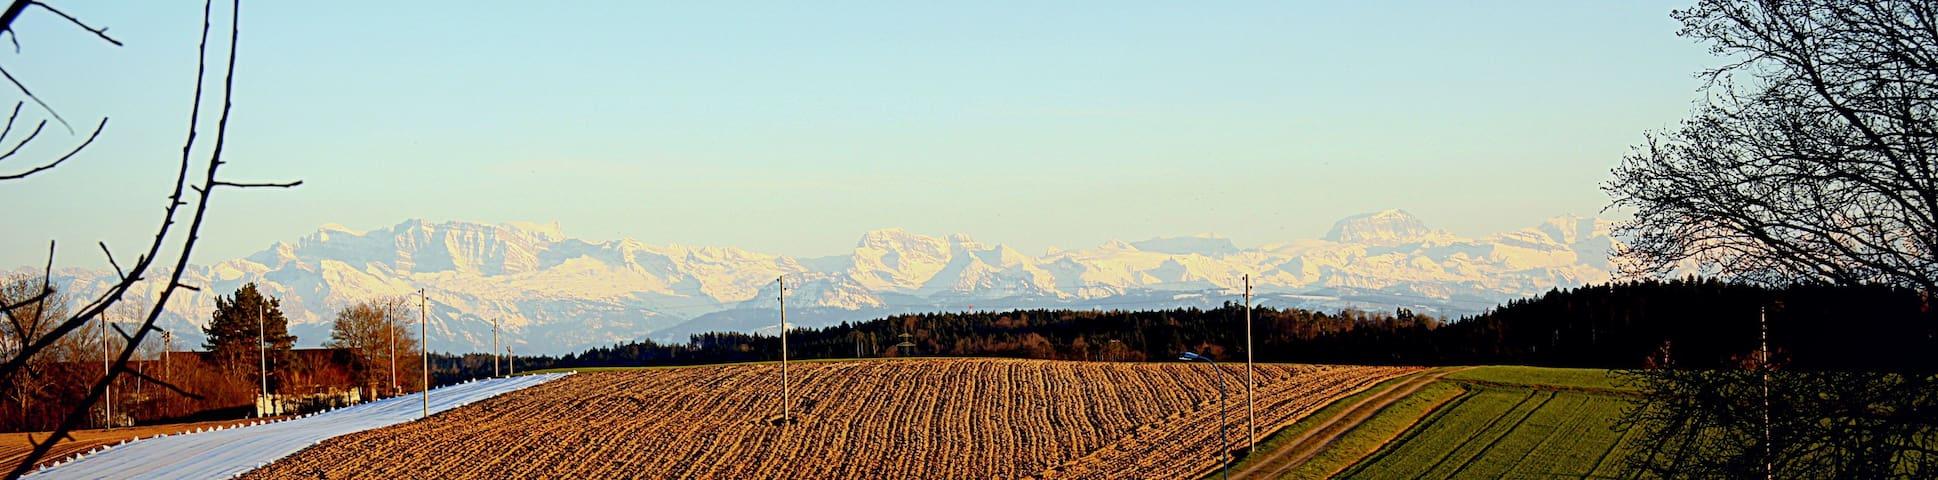 Wohlfühlen in ruhiger Umgebung Zürich mit Aussicht - Illnau - Maison